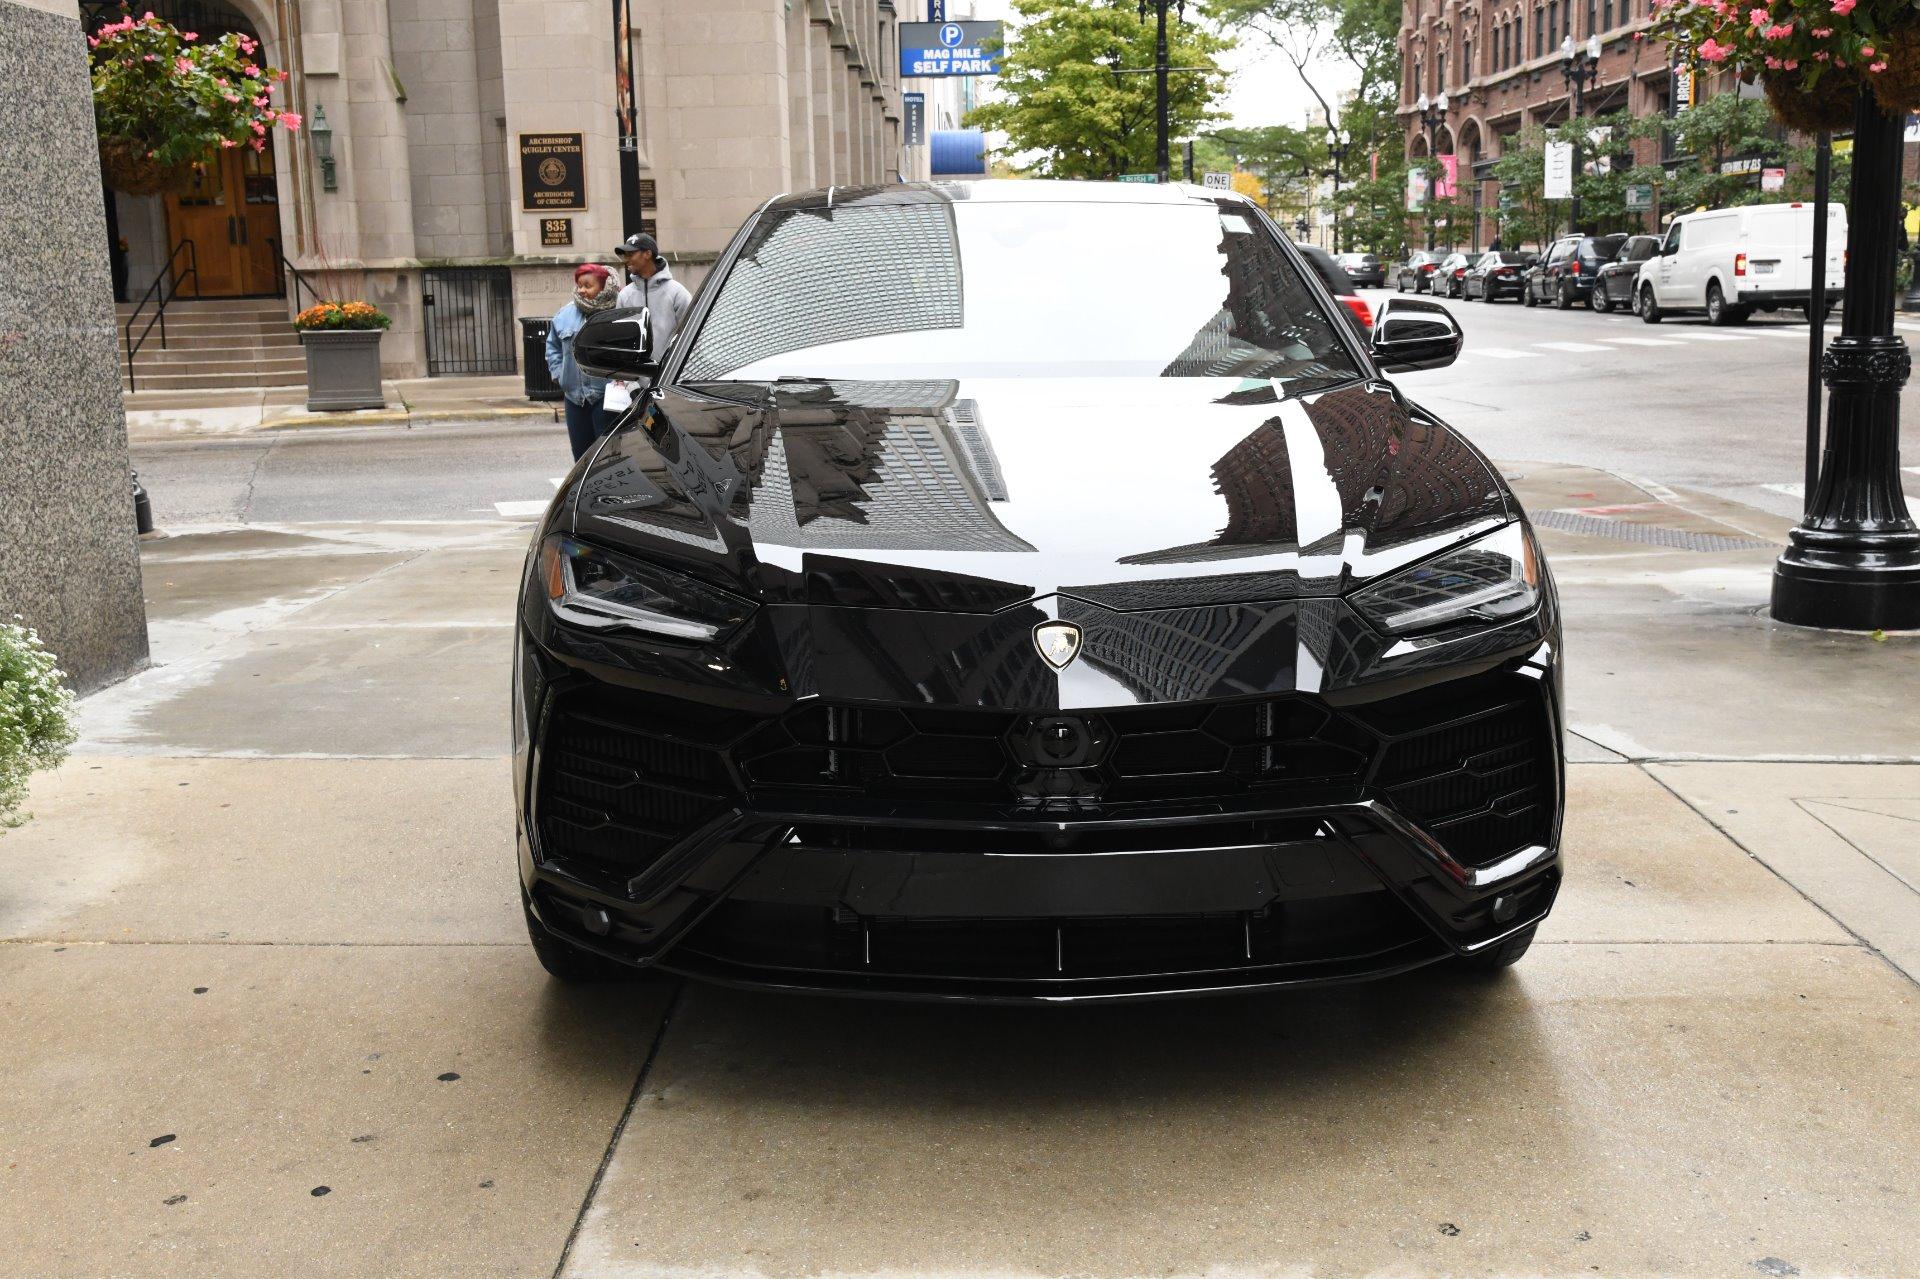 2019 Lamborghini Urus Stock  01033 for sale near Chicago